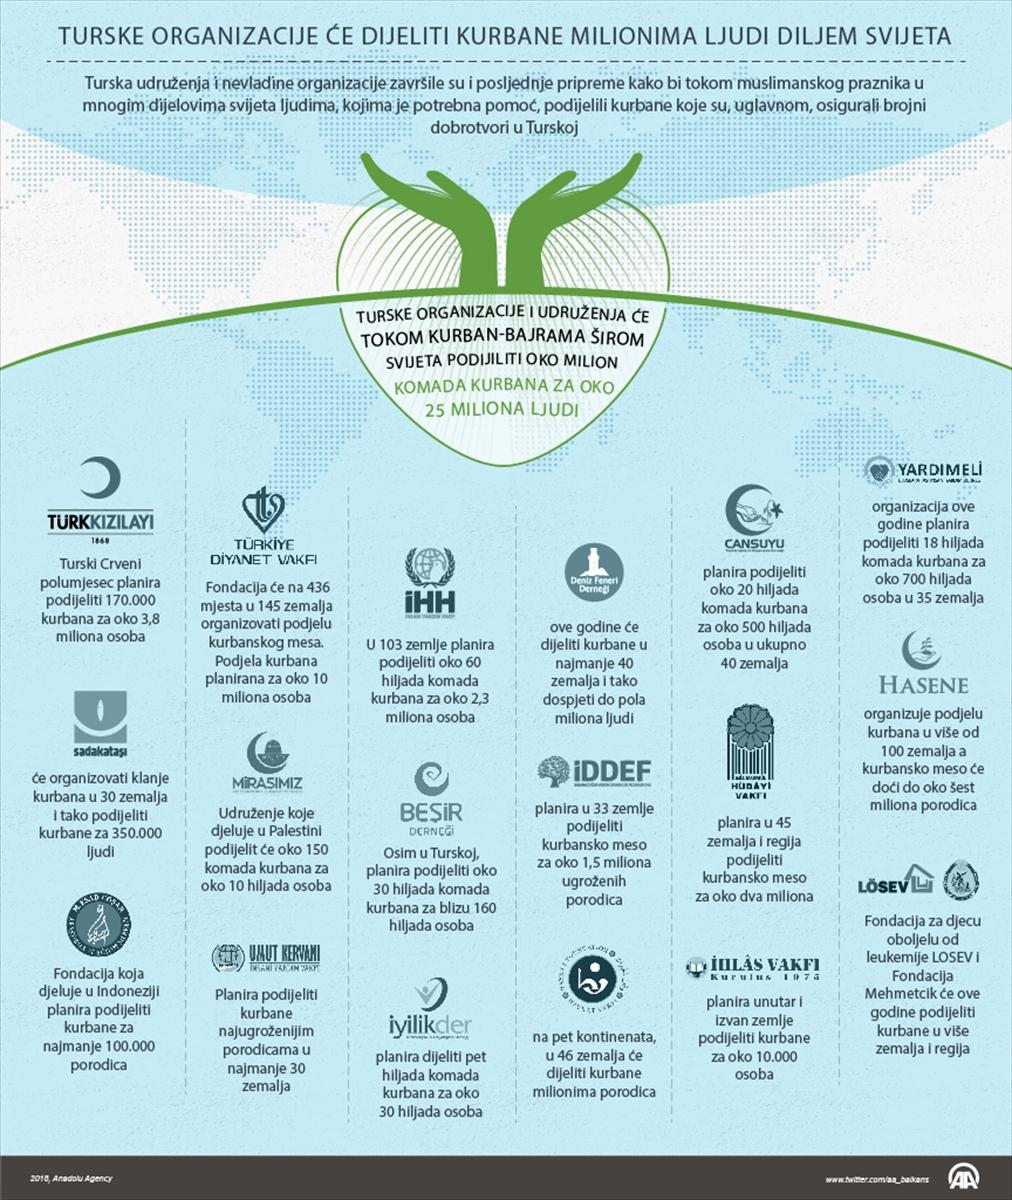 Turske organizacije će dijeliti kurbane milionima ljudi diljem svijeta